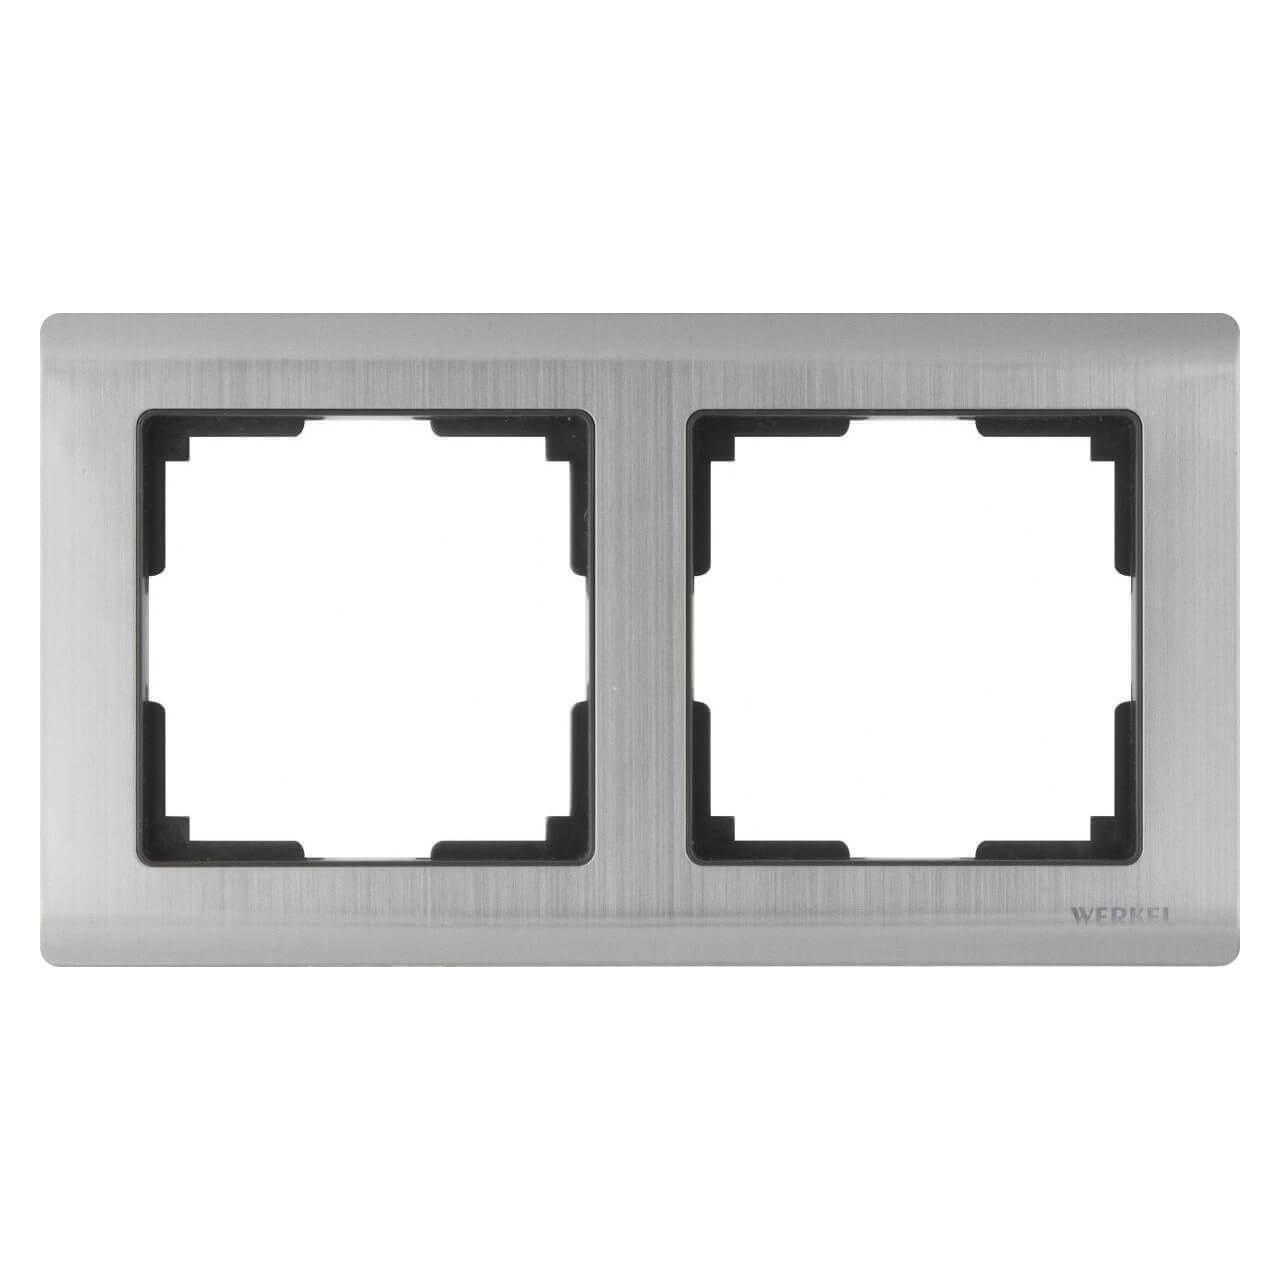 Рамка Werkel Metallic на 2 поста глянцевый никель WL02-Frame-02 4690389045912